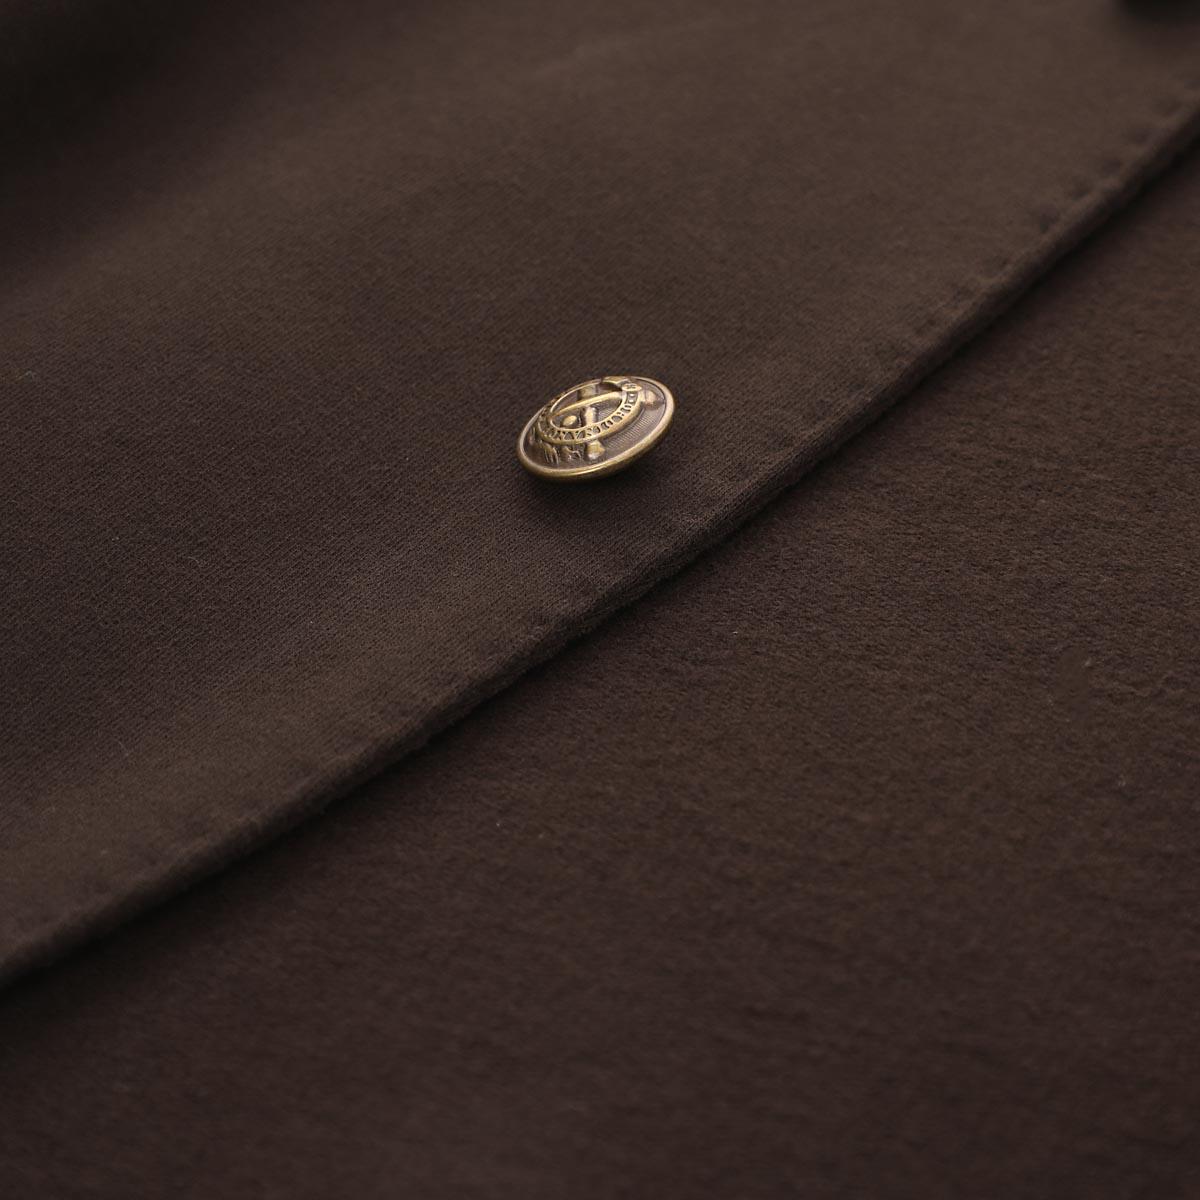 【アウトレット】【ラスト1点】CIRCOLO 1901  チルコロ 2つボタン シングルジャケット/GIACCA REVER LANCIA メンズ